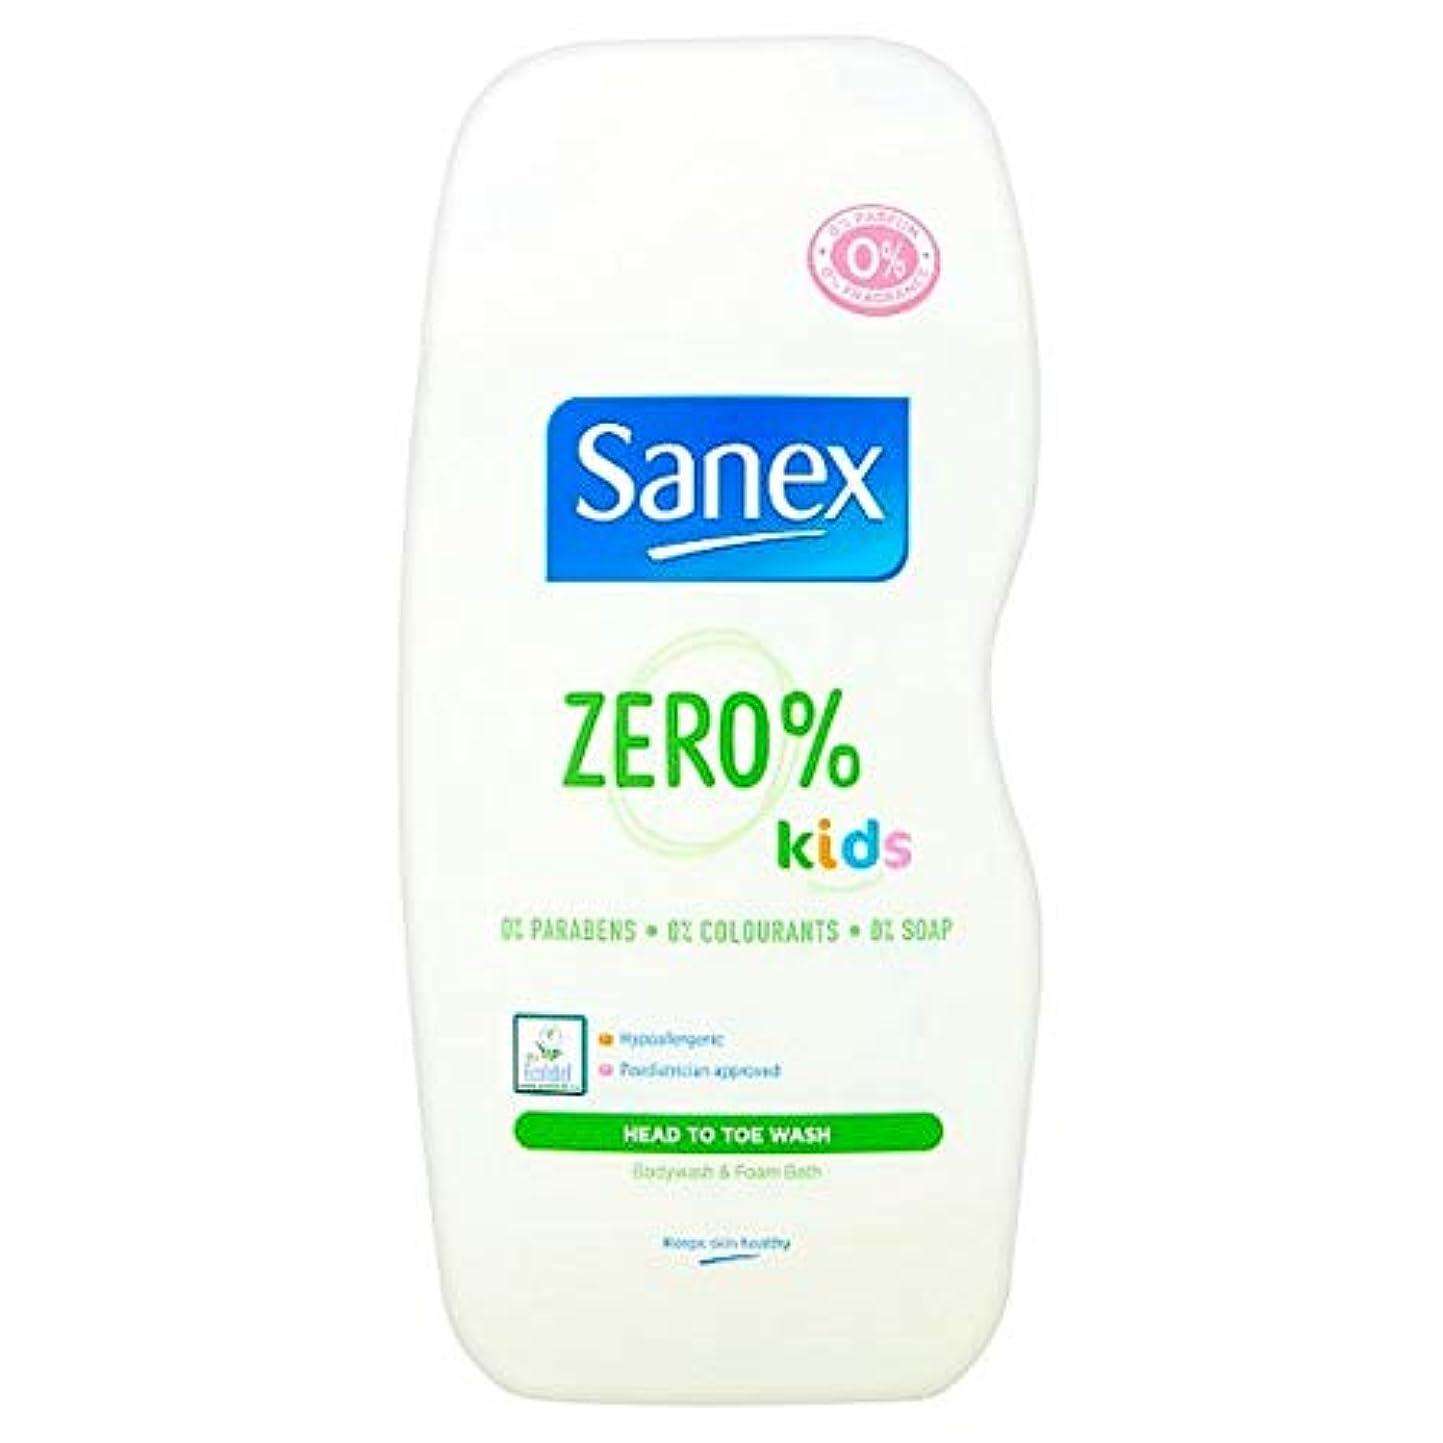 社交的雲隣人[Sanex] Sanexゼロ%キッズボディウォッシュとFoambath 500ミリリットル - Sanex Zero% Kids Body Wash And Foambath 500Ml [並行輸入品]